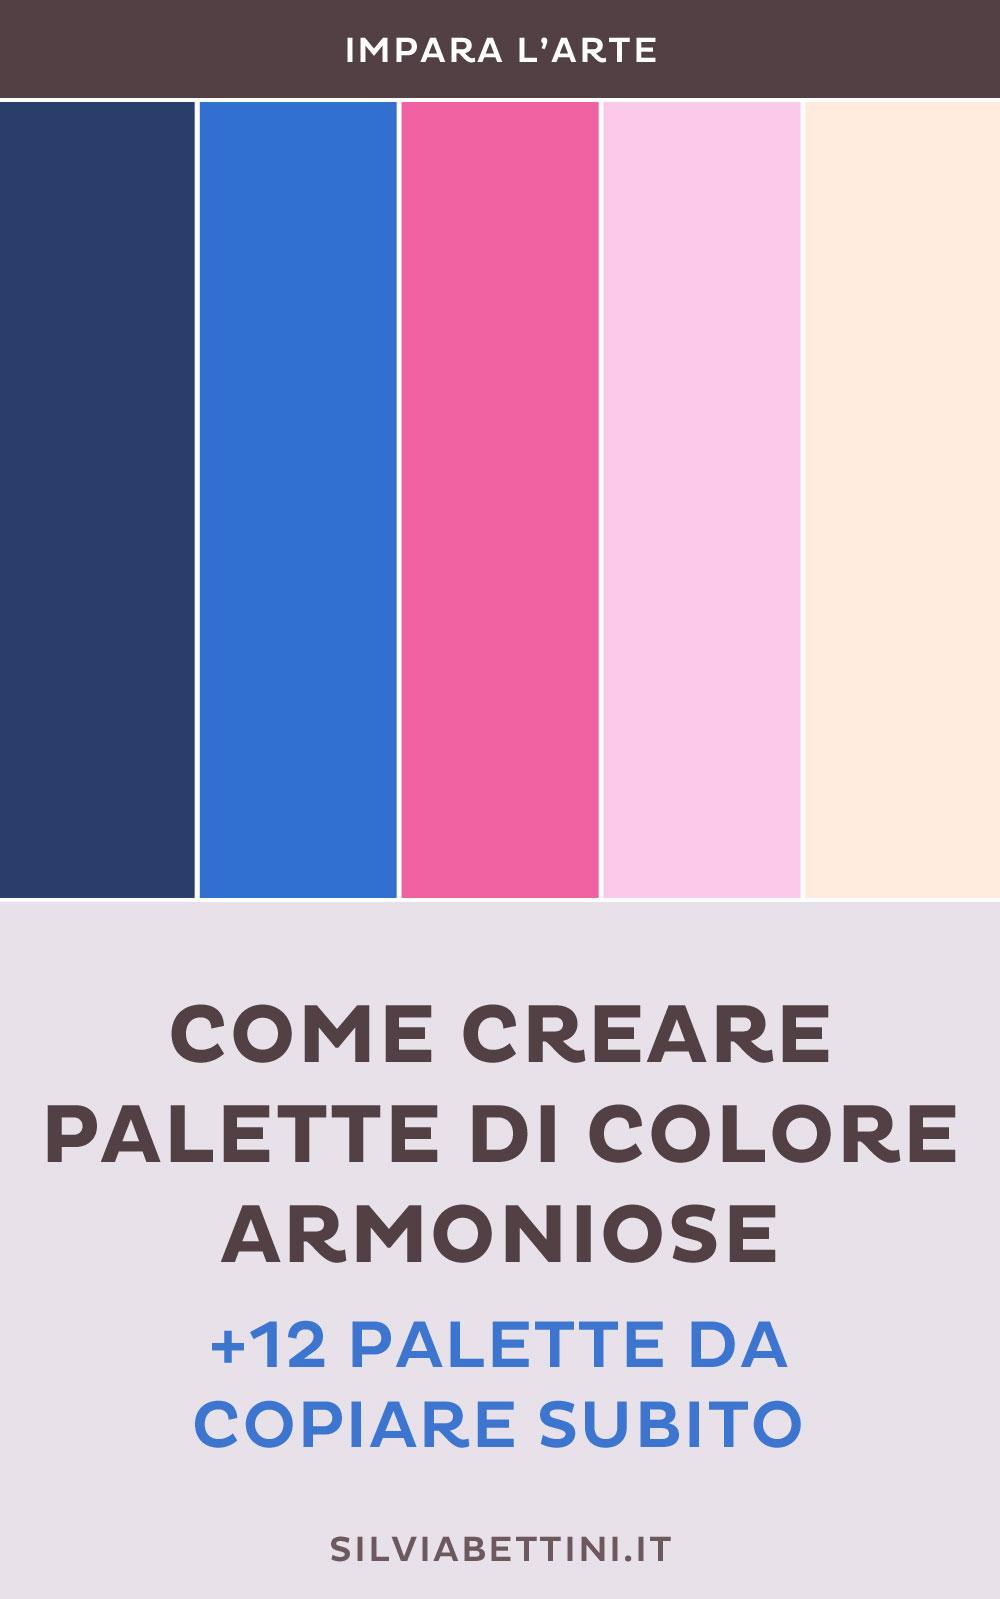 Colori Che Stanno Bene Insieme come creare palette di colore armoniose (+ 12 palette da